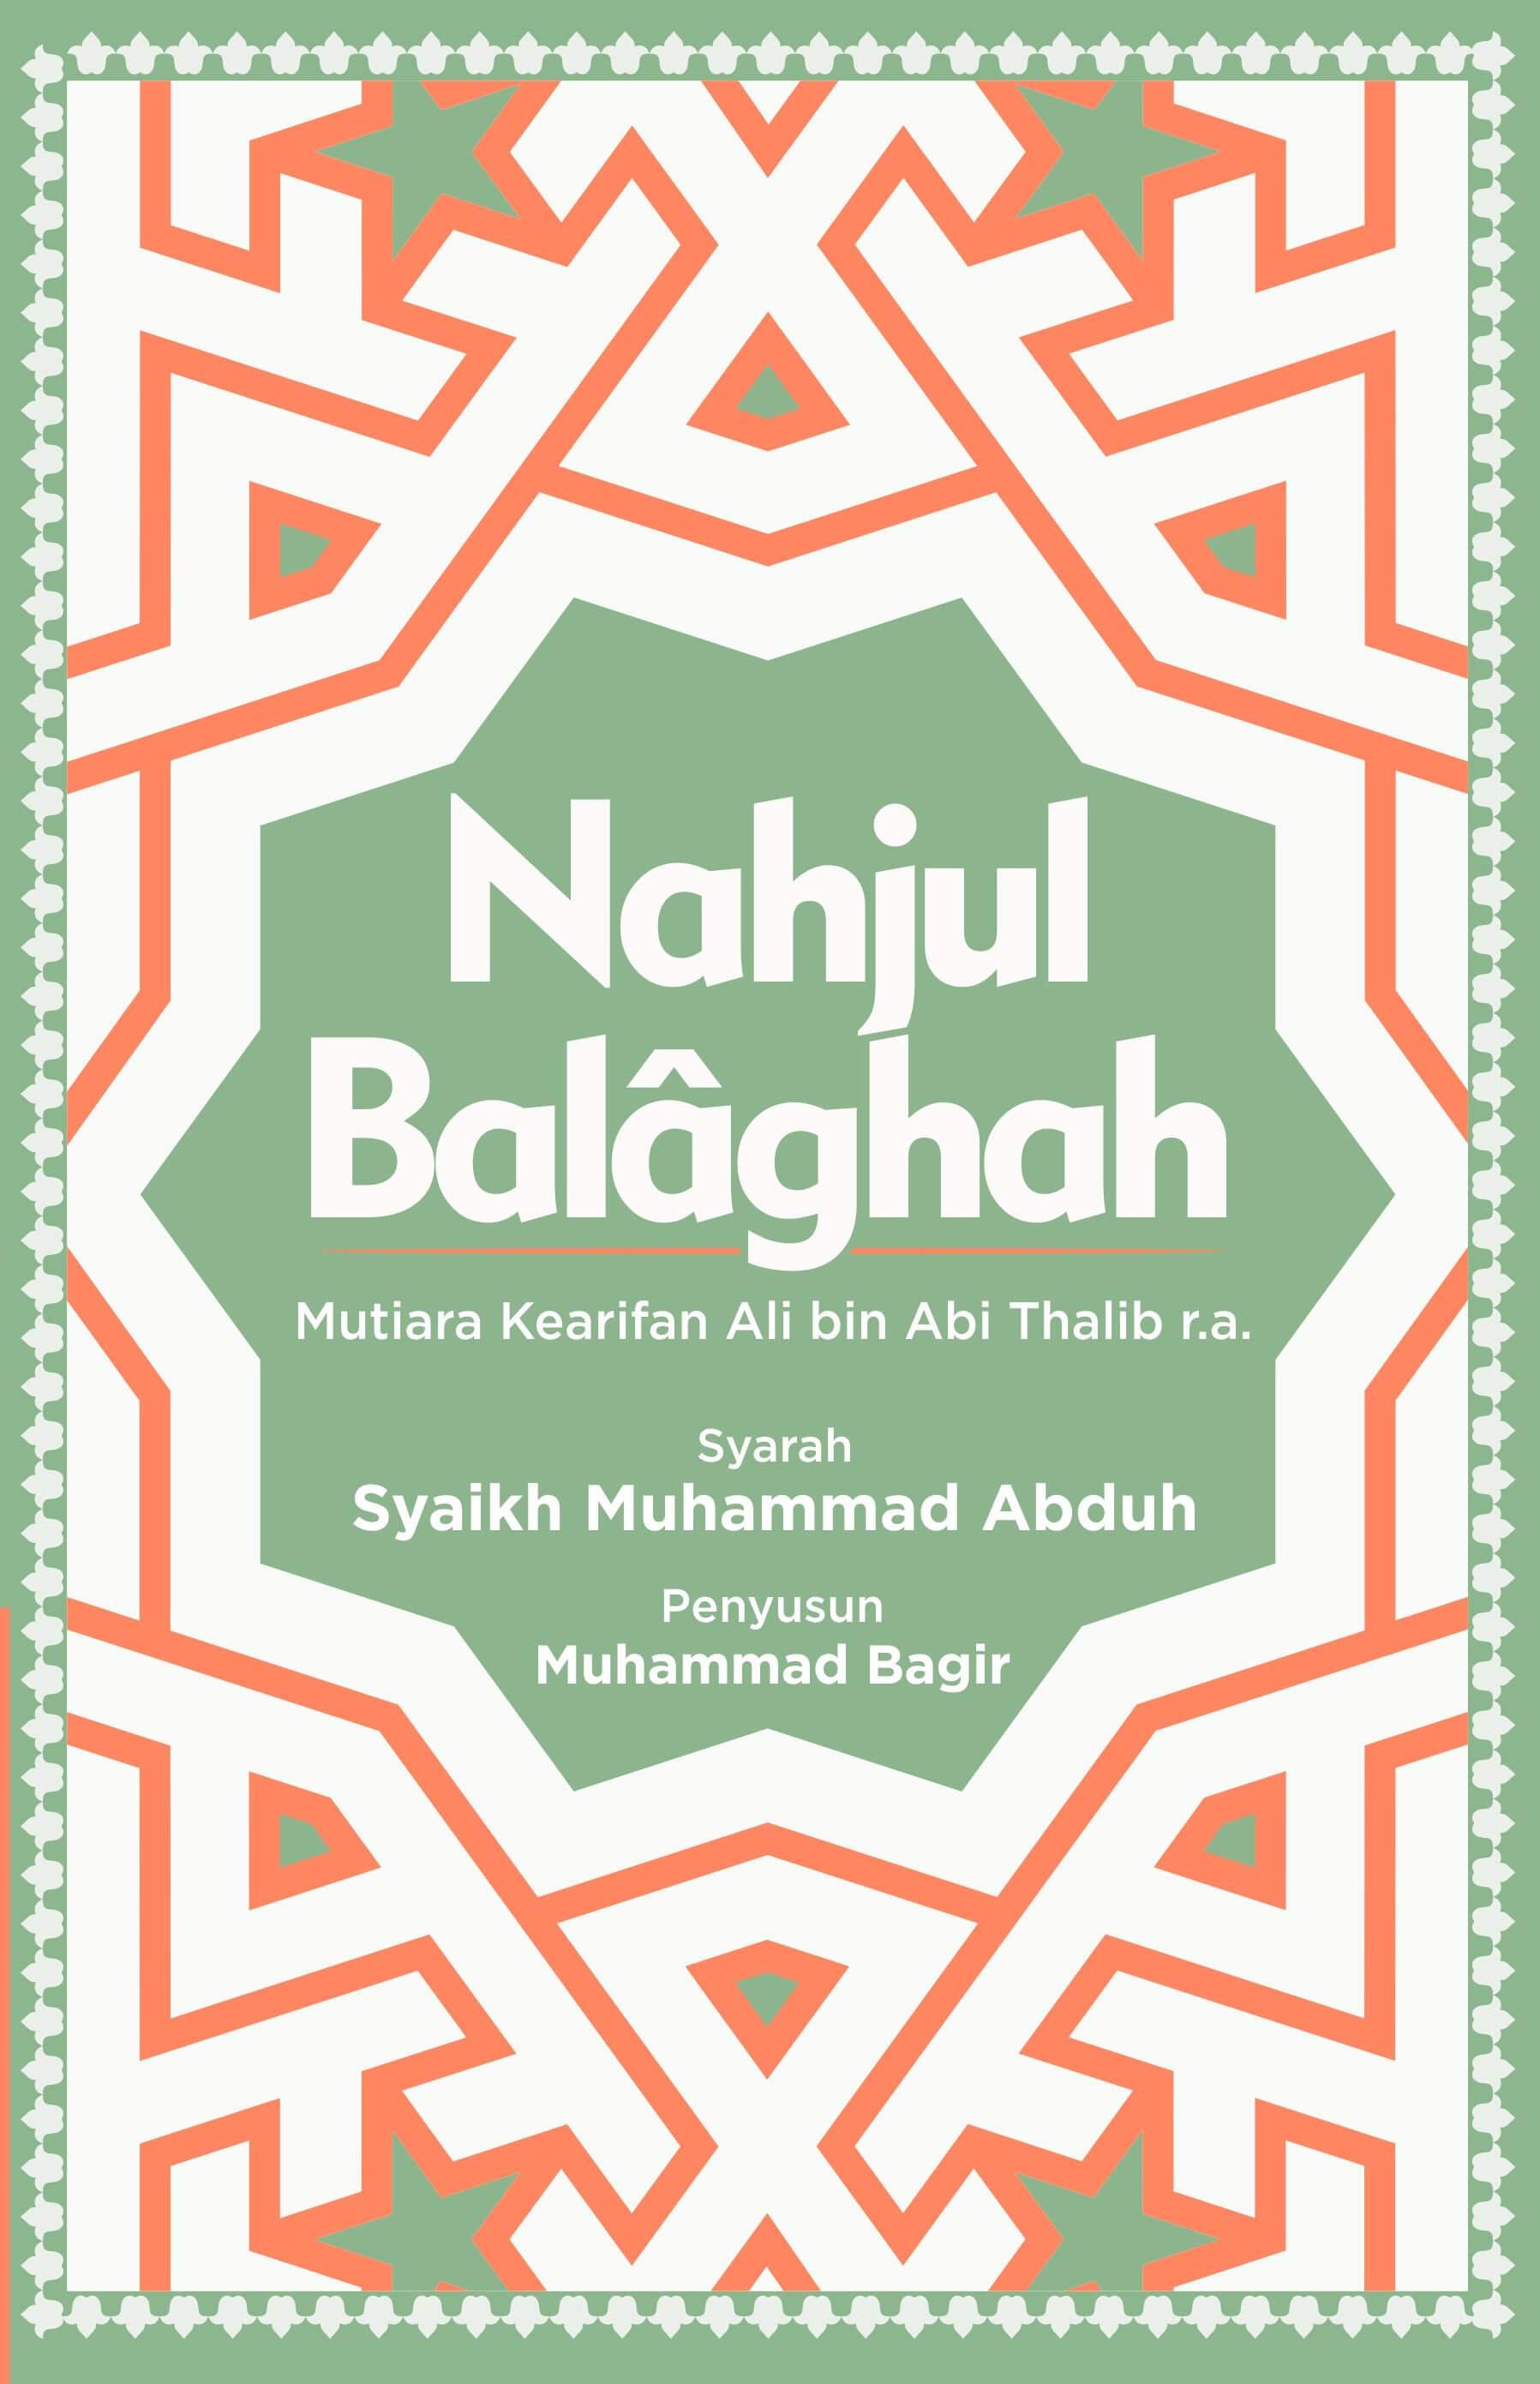 NAHJUL BALAGHAH MUTIARA KEARIFAN ALI BIN ABI THALIB R.A.